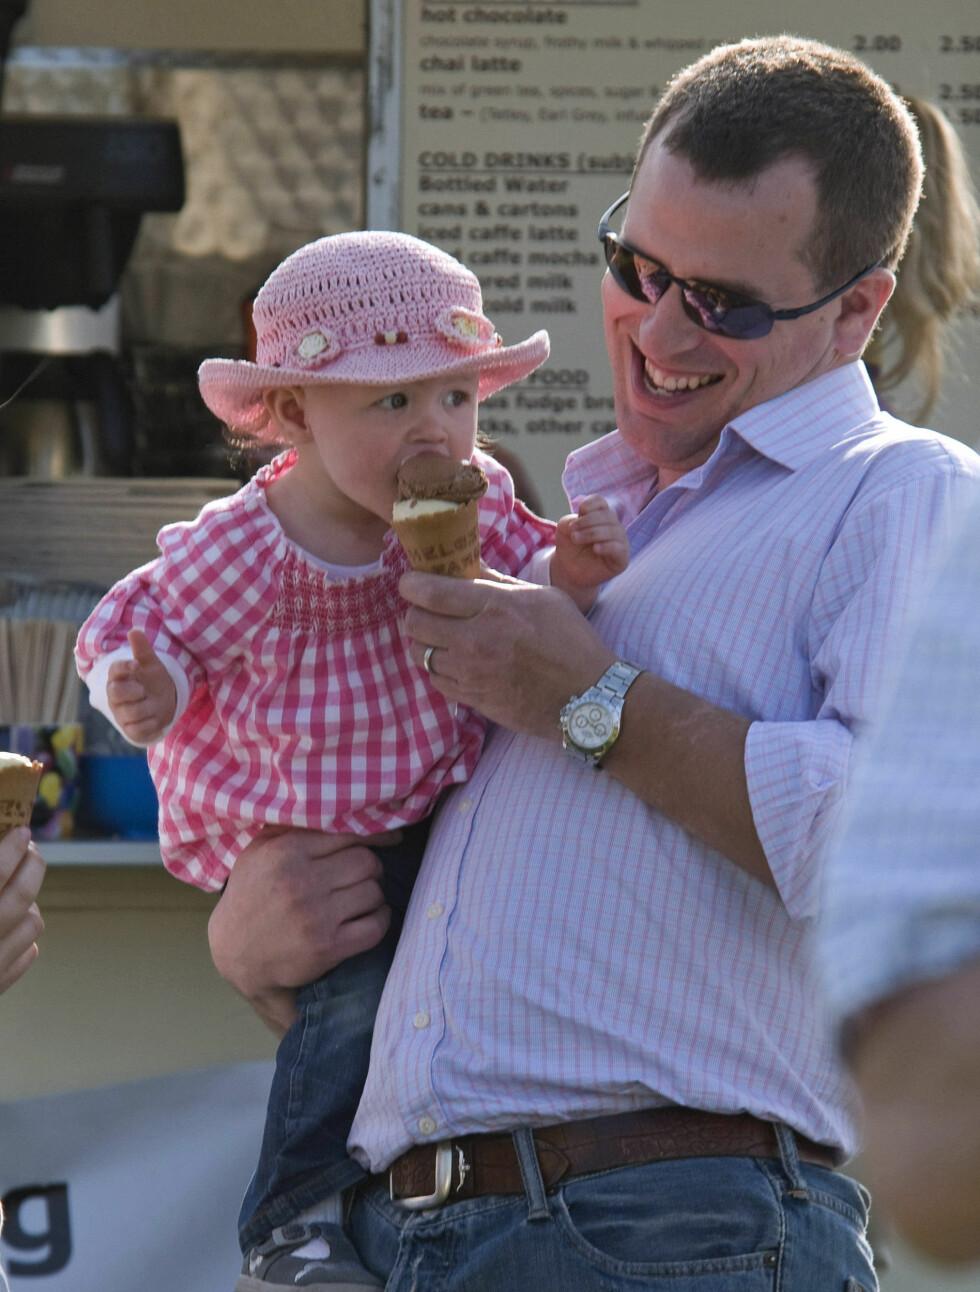 ELSKER DATTEREN: Peter lo da datteren smakte på isen og sier at verden er et bedre sted etter han ble far.  Foto: Stella Pictures